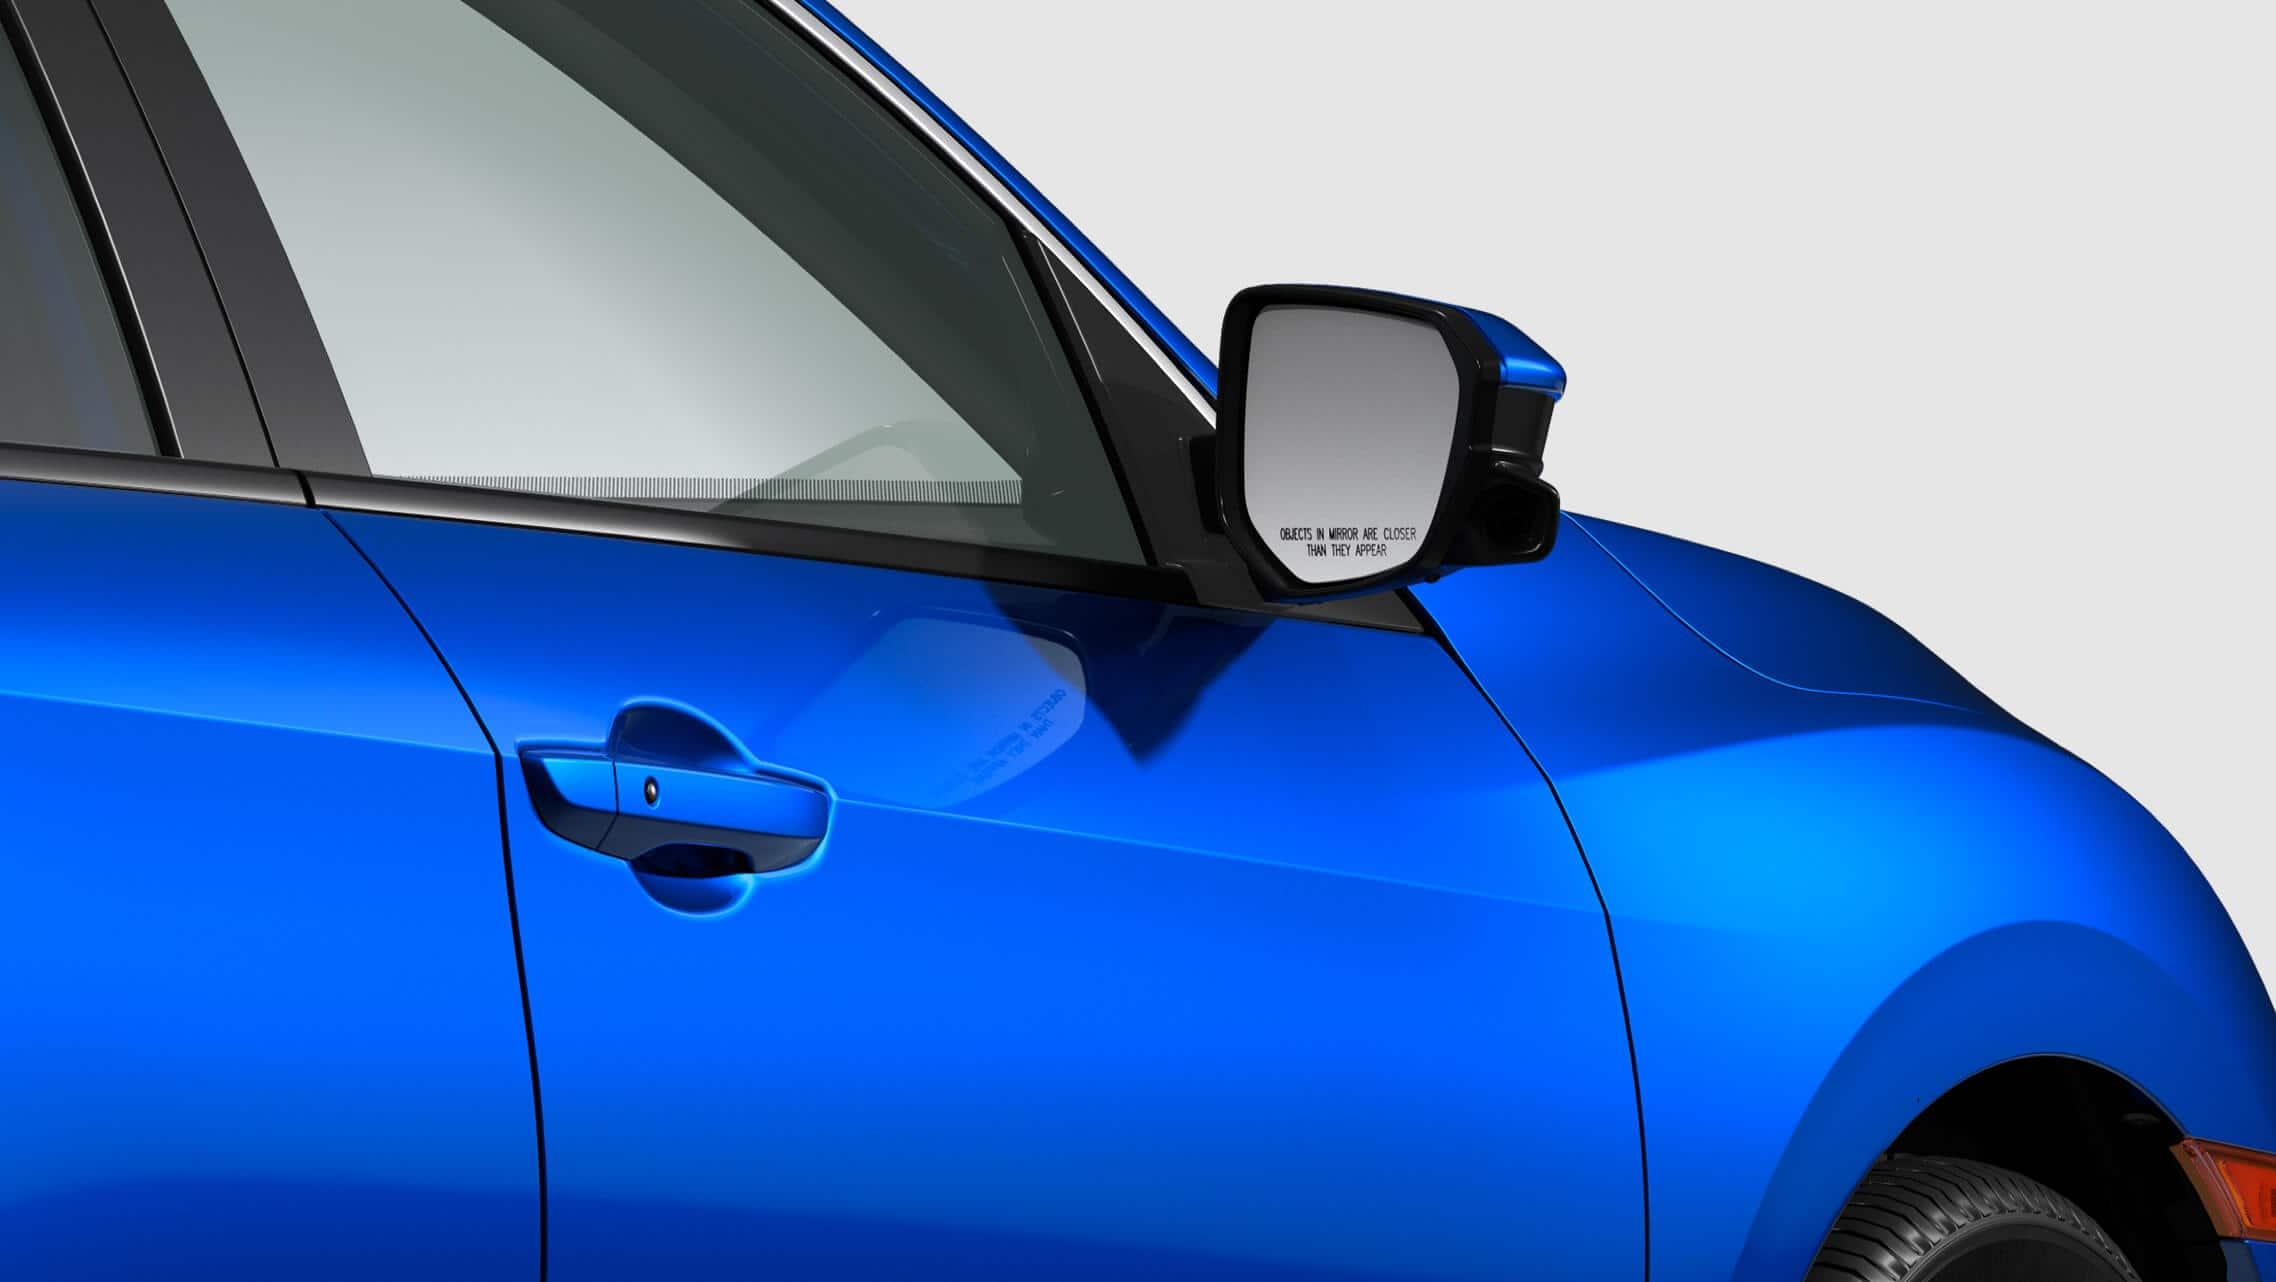 Detalle de la cámara Honda LaneWatch™ en el espejo del lado del pasajero del Honda Civic Si Sedán2020 en Aegean Blue Metallic.